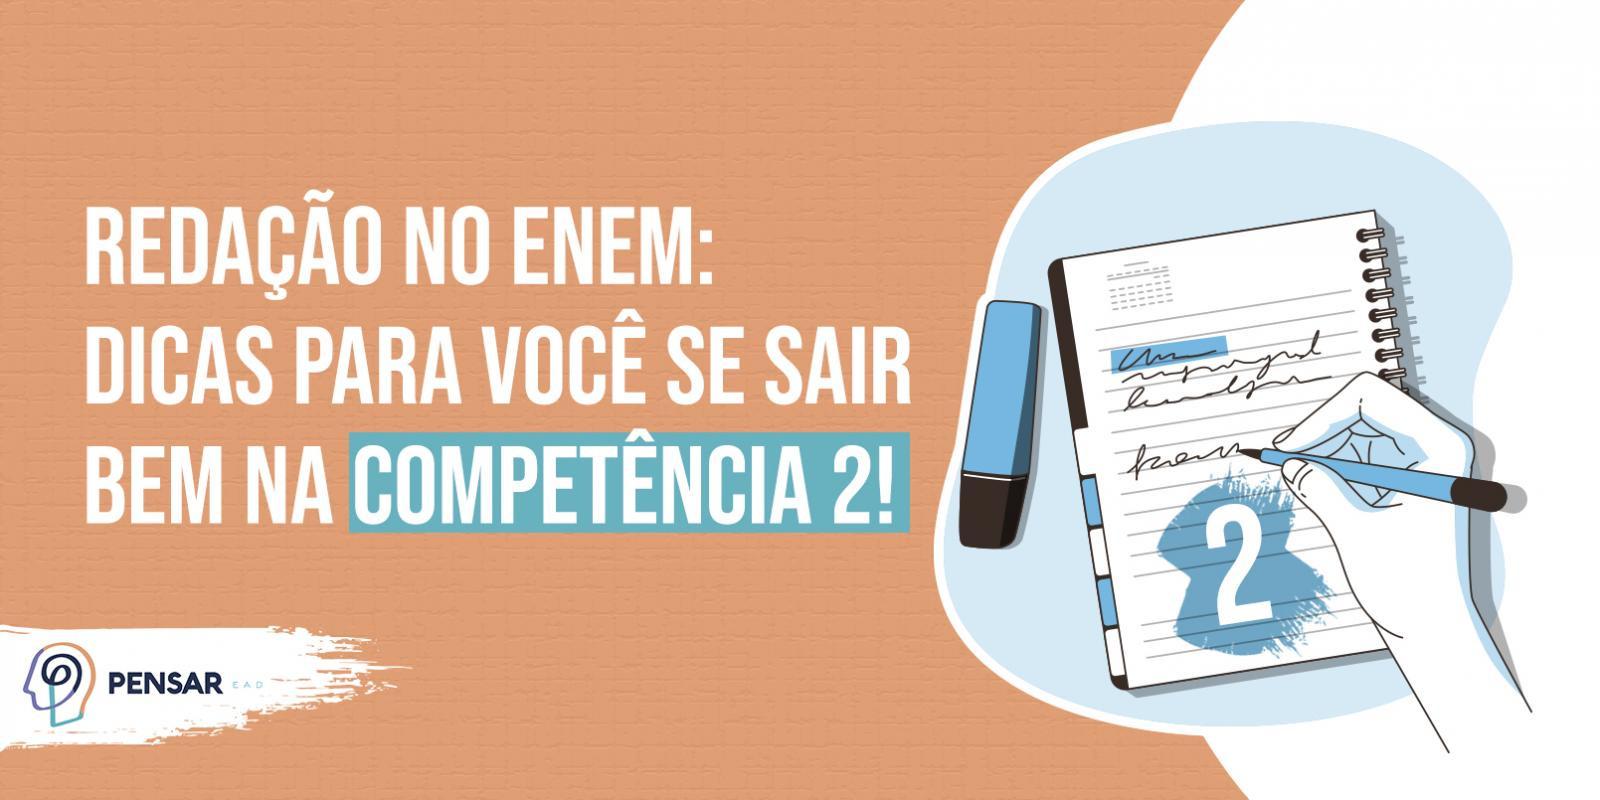 Redação no ENEM: dicas para você se sair bem na competência 2!